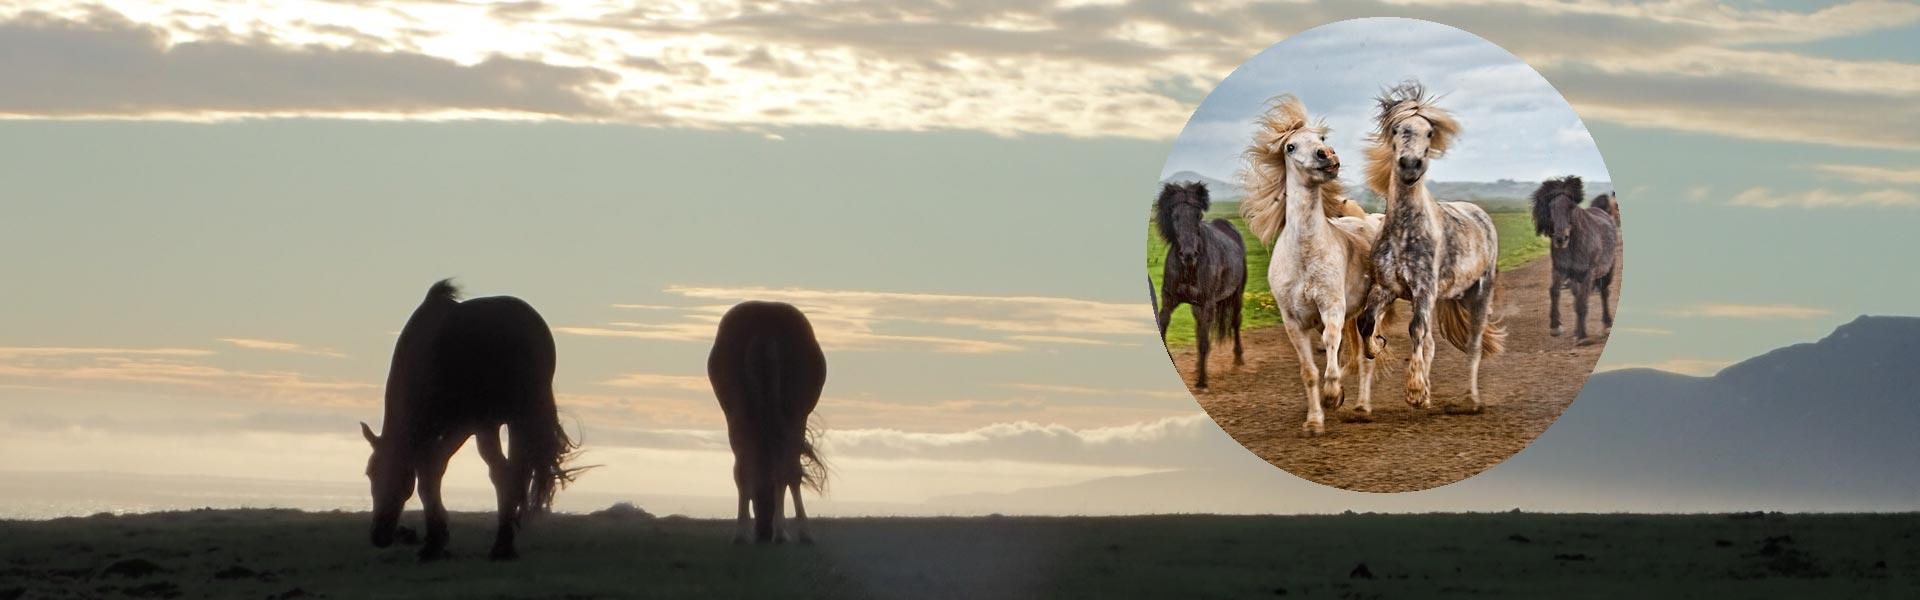 Ridblogg med ridresor, islandshästar och Island